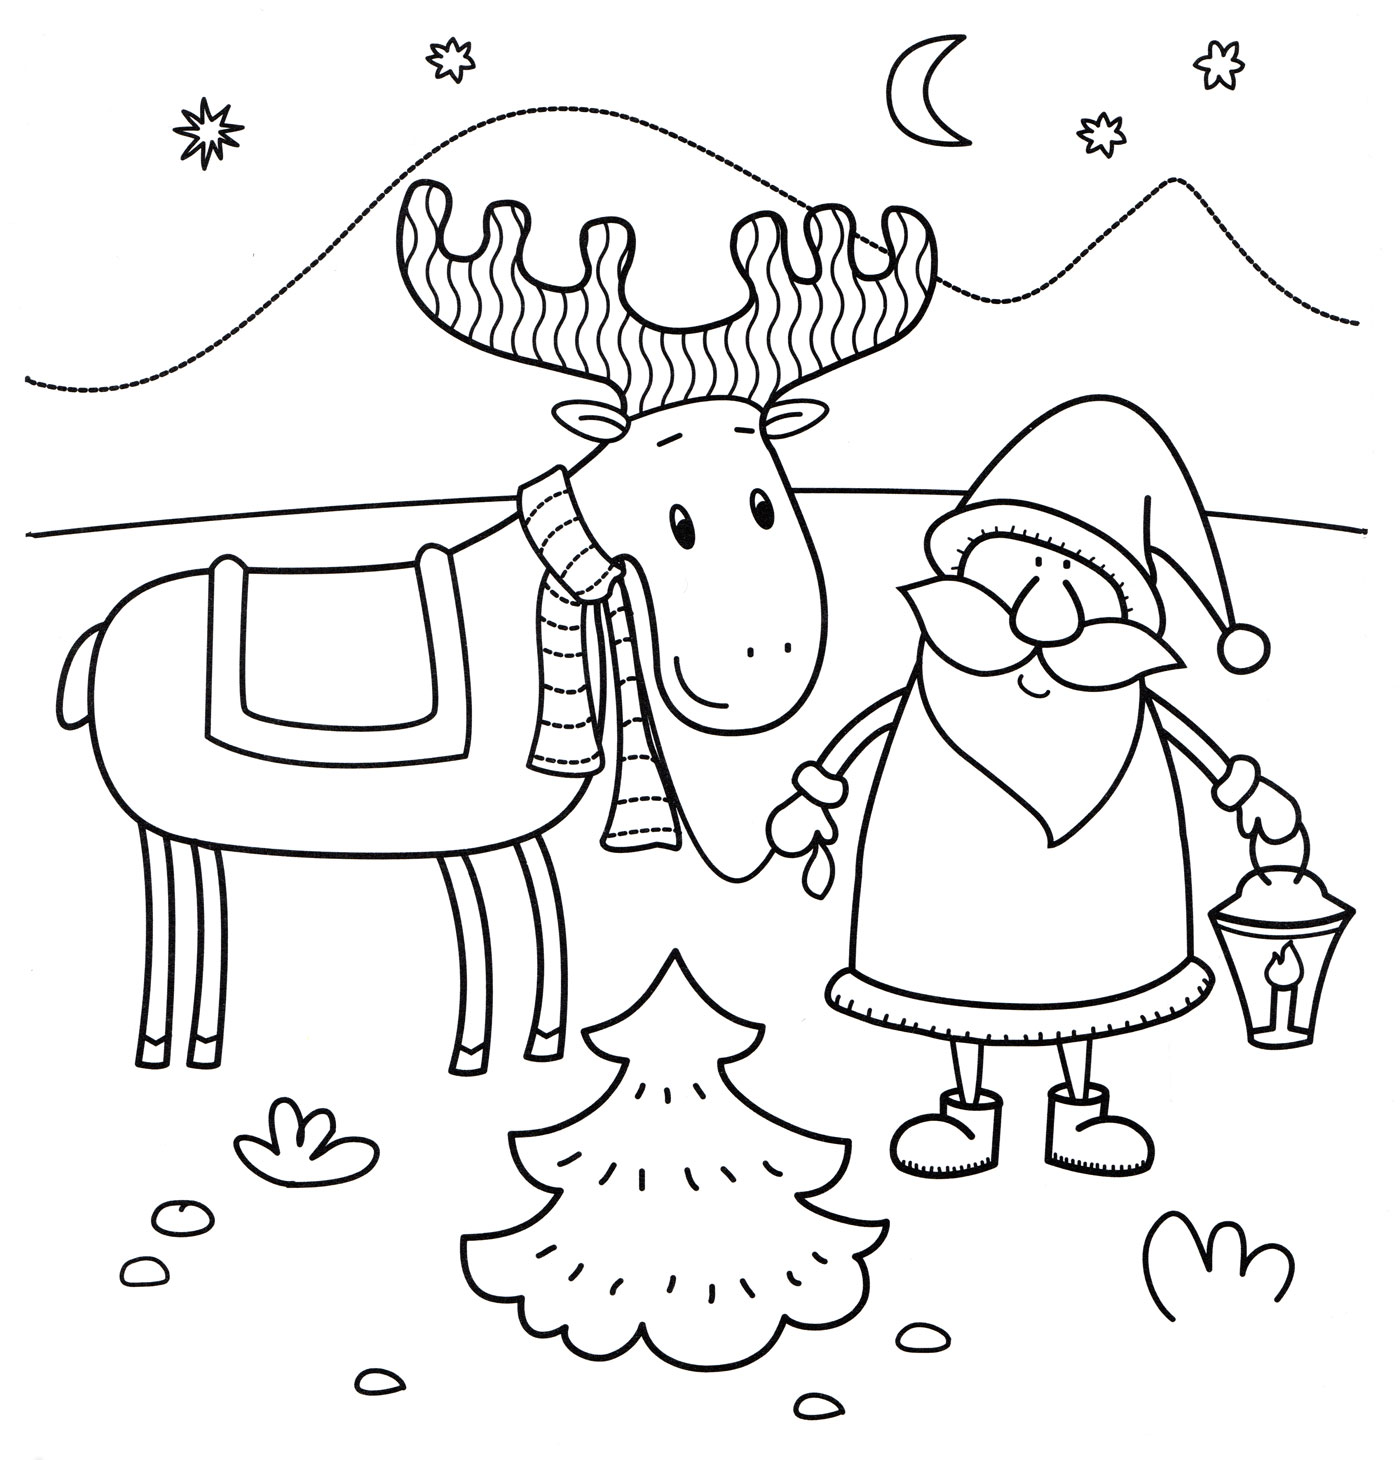 Раскраска Дед Мороз и его олень - распечатать бесплатно